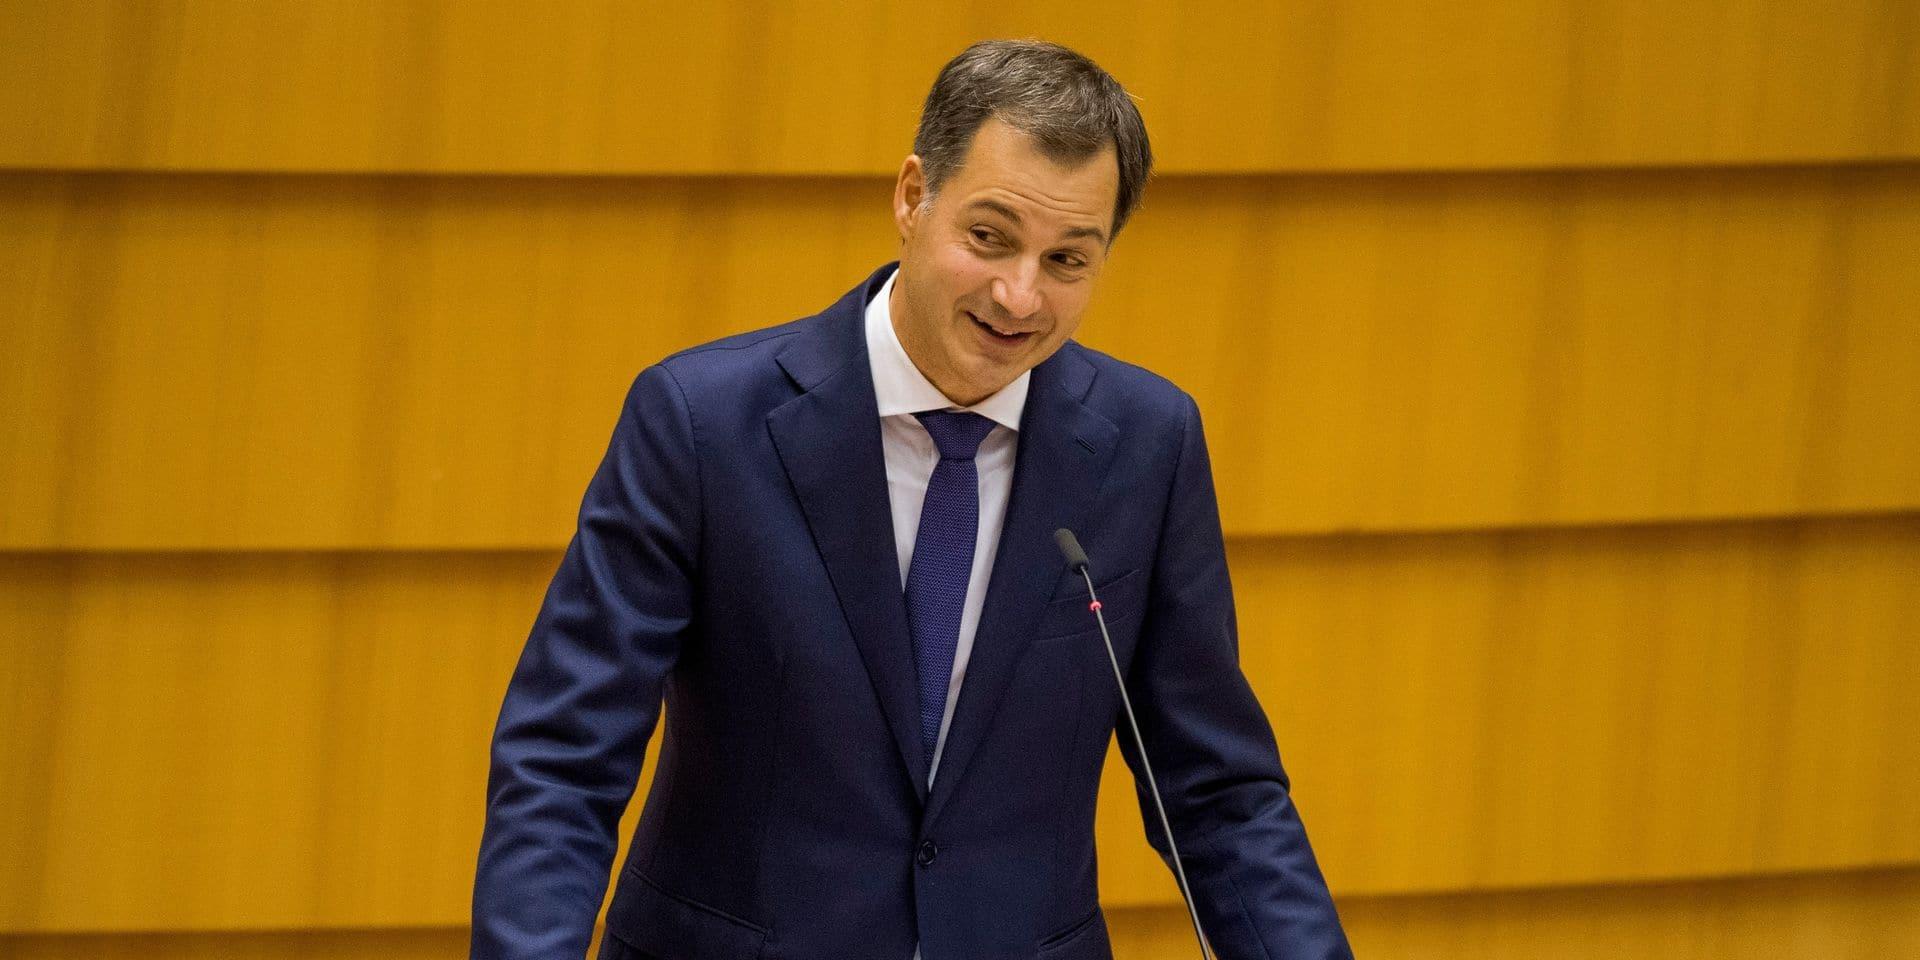 Confinement, lutte contre la fraude fiscale, confiance envers les politiques: le contenu de la déclaration gouvernementale d'Alexander De Croo